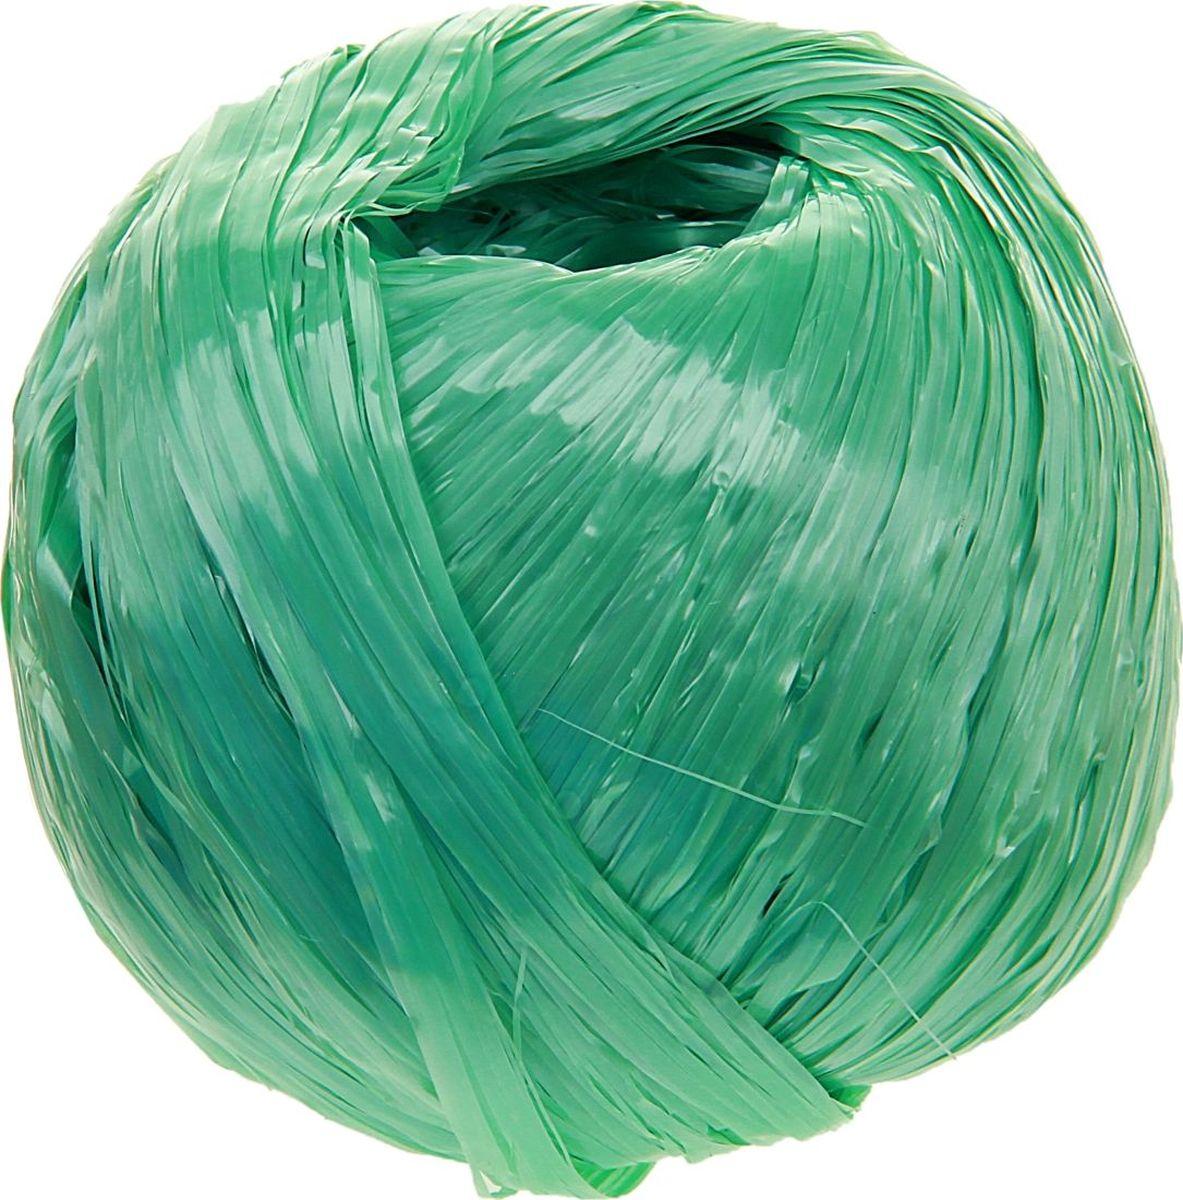 Шпагат Банные Секреты, цвет: зеленый, 120 м531-402Шпагат Банные Секреты представляет собой изделие, которое используется для бытовых и технологических нужд в различных отраслях производства. В хозяйстве его используют для сушки белья, вместо верёвки, для упаковки вещей, при хранении овощей. Материал: полиэстер. Длина: 120 м. Вес: 40 г. Диаметр: 1,6 мм.